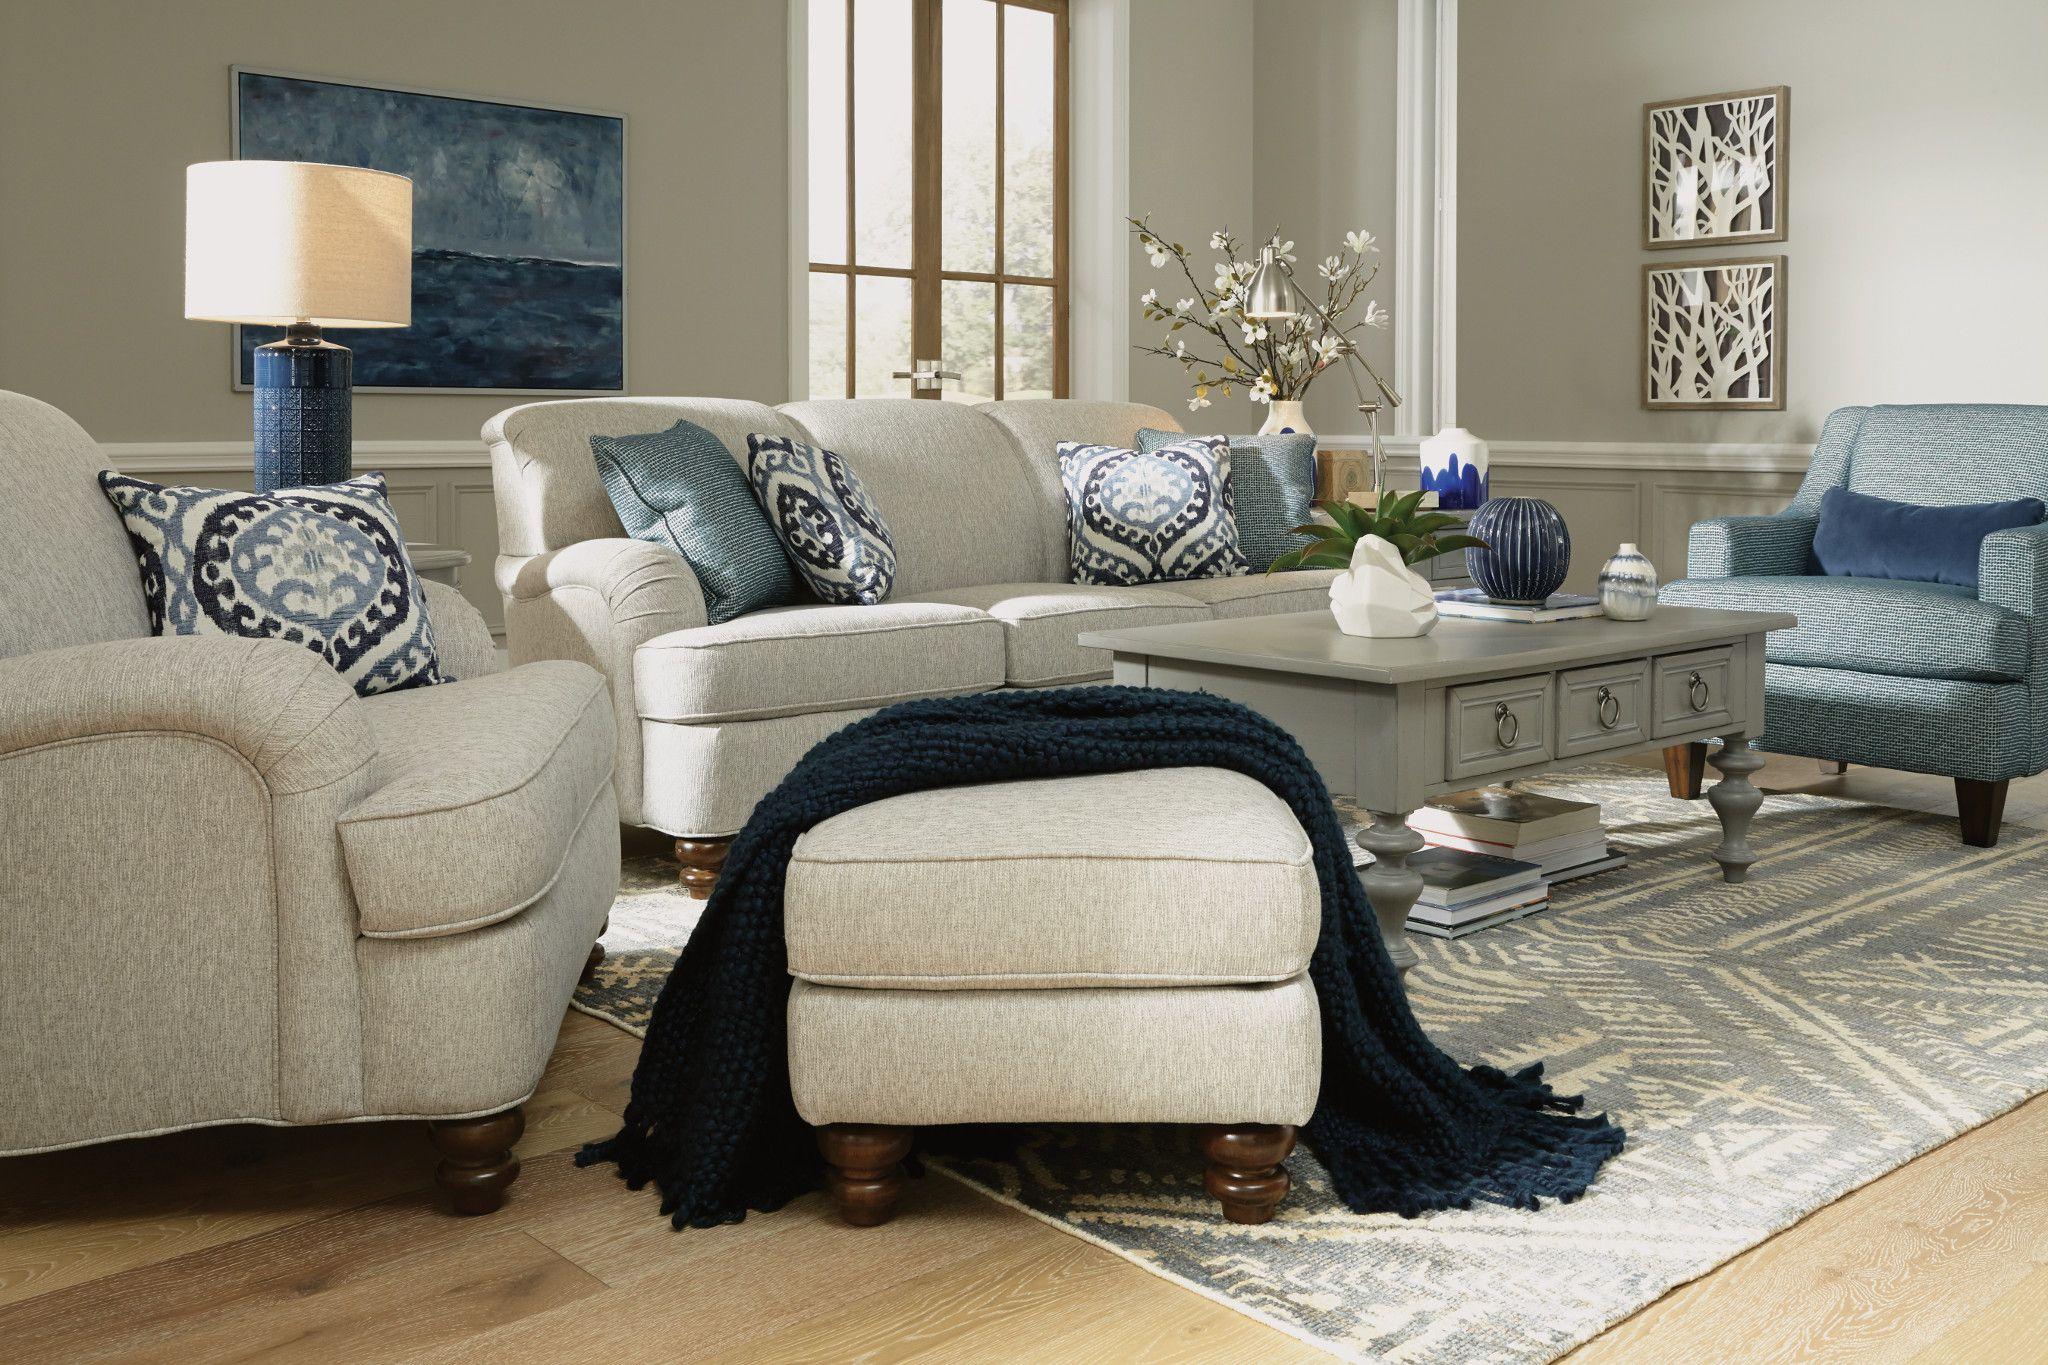 Collective Furniture Flexsteel Furniture Vintage Inspired Decor